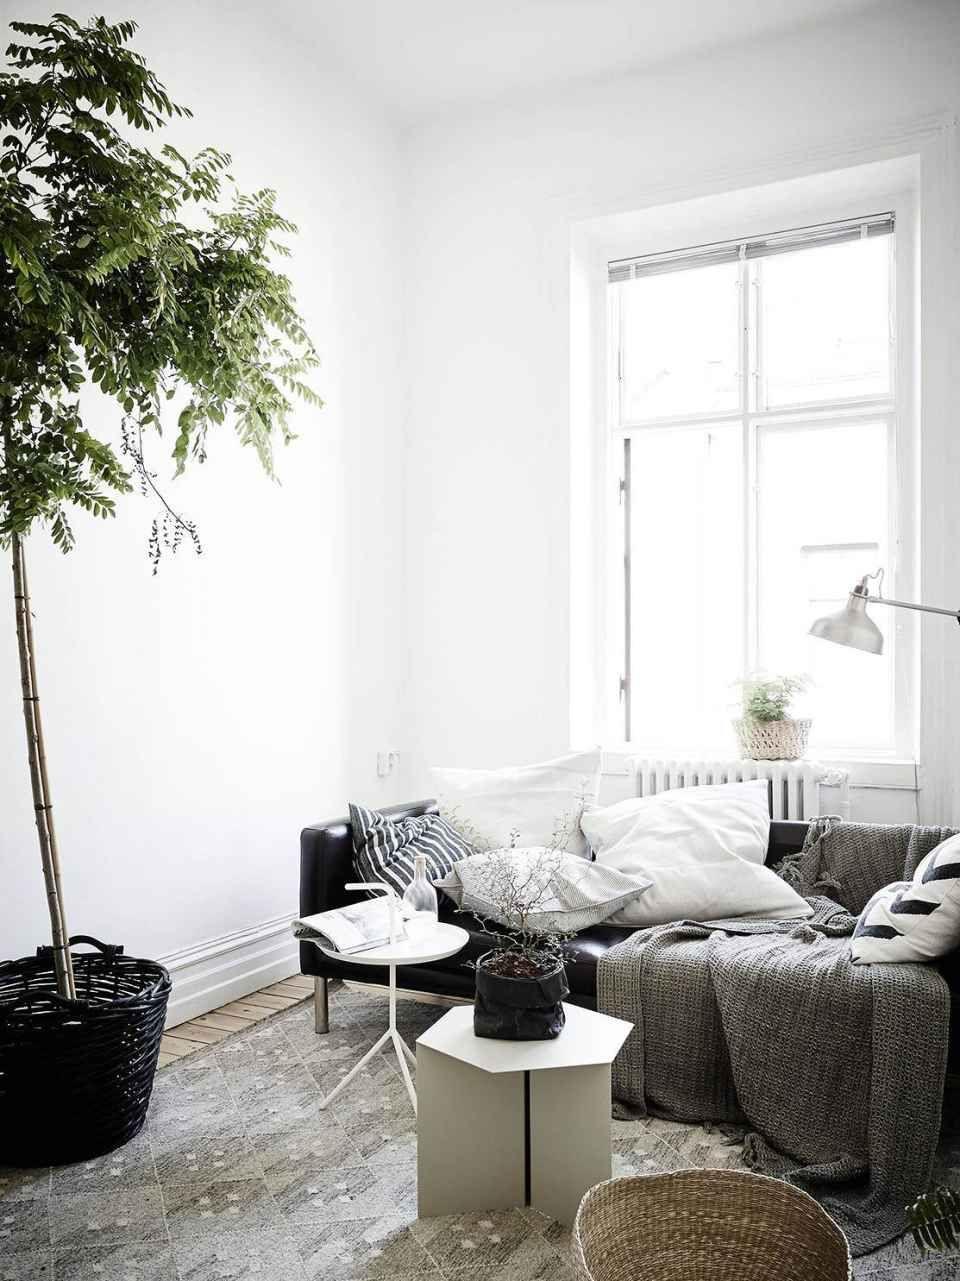 Receiving Room Interior Design: 20 Examples Of Minimal Interior Design #17